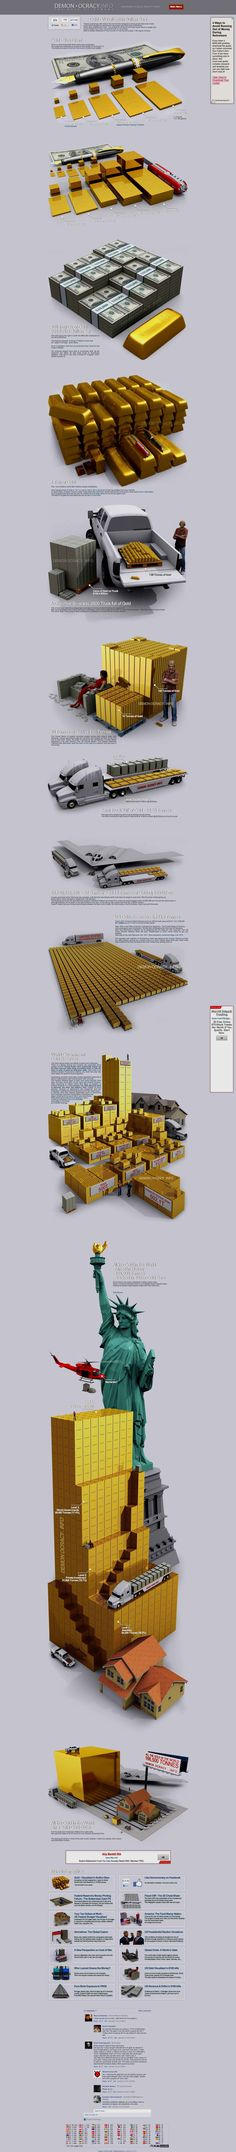 Visualizing Gold... Since We Need to Know...  ;-) #GoldBullion